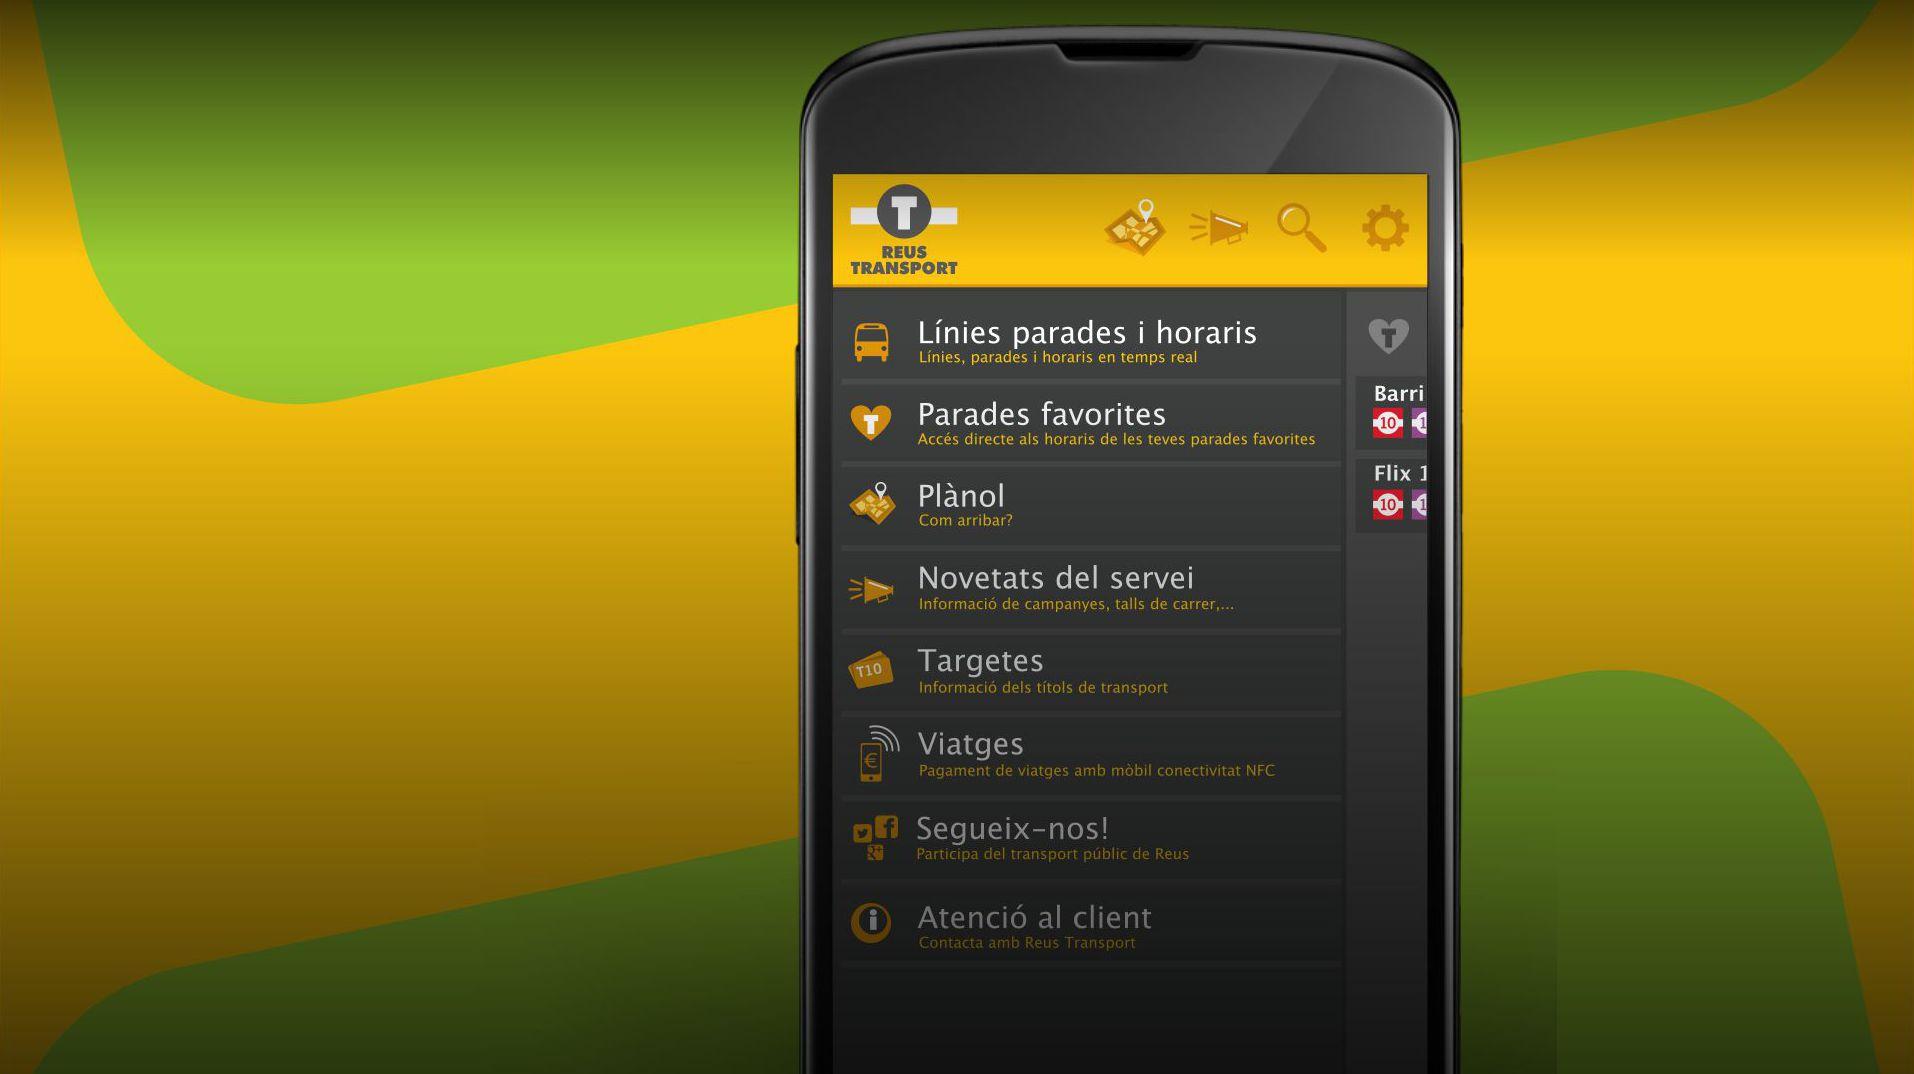 Reus Transport renova l'app, que permet localitzar parades i horaris sobre plànol